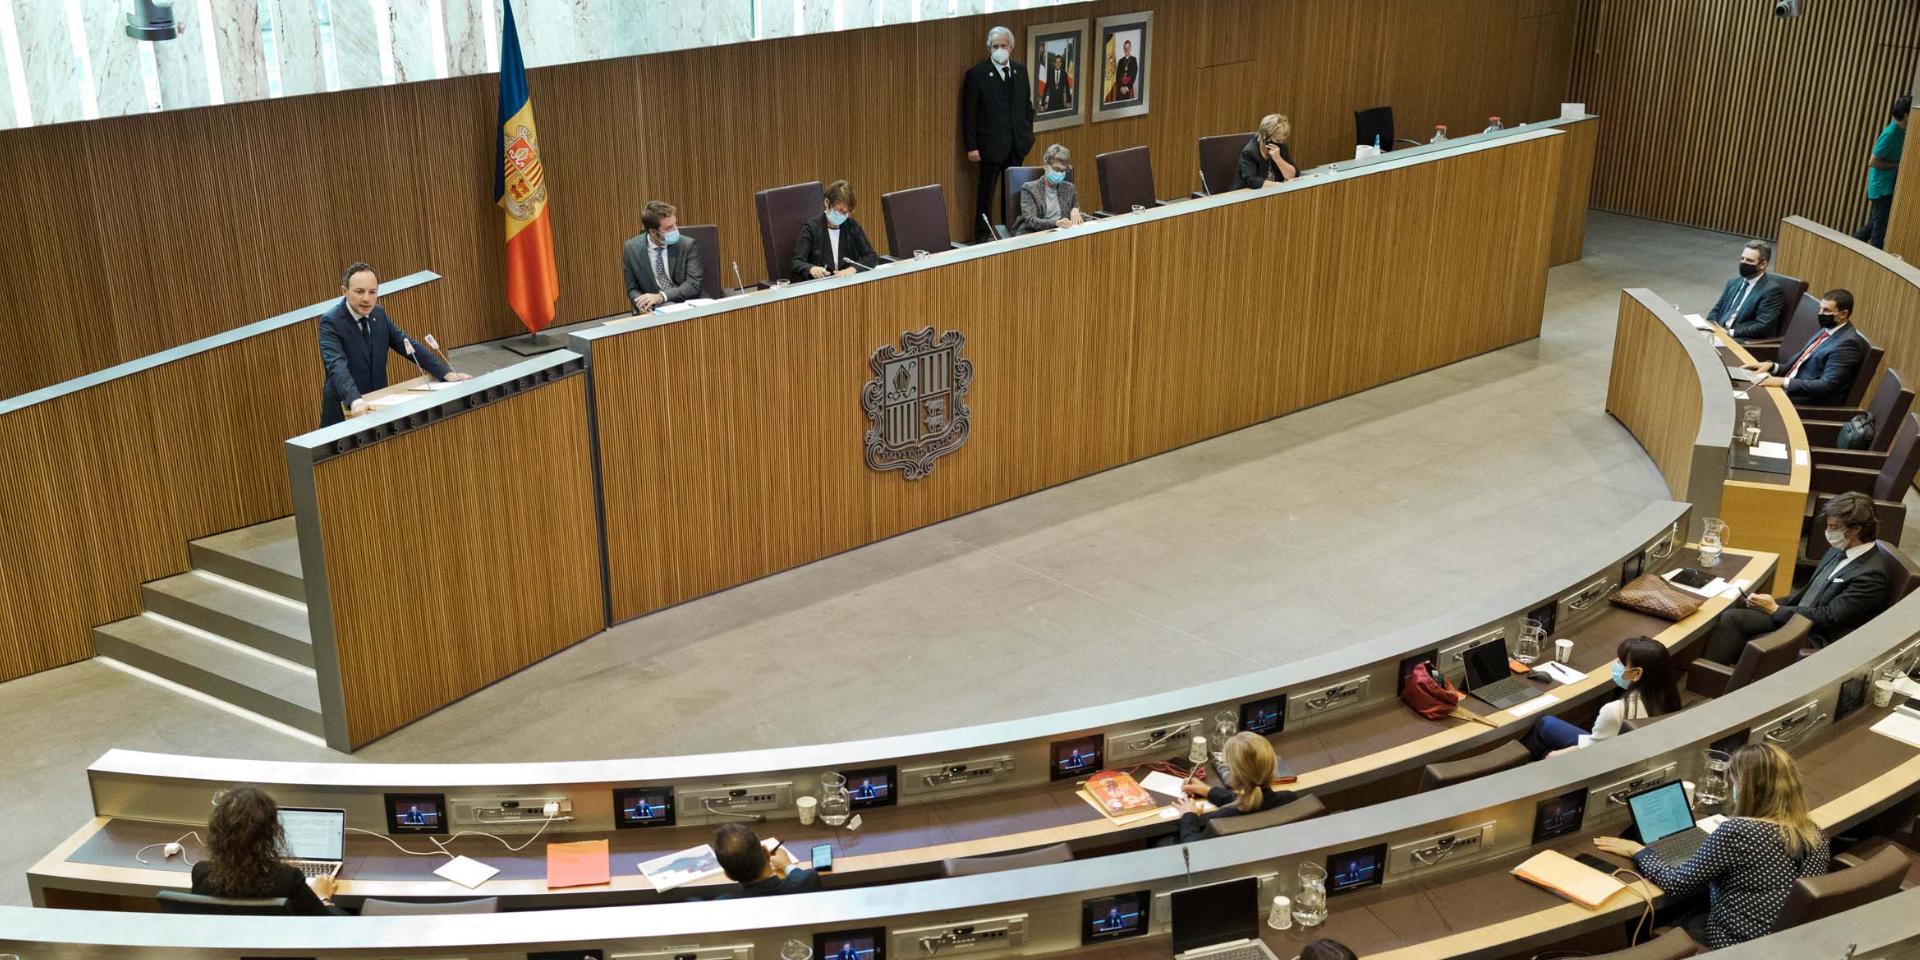 Imagen de Consell General Principat d'Andorra